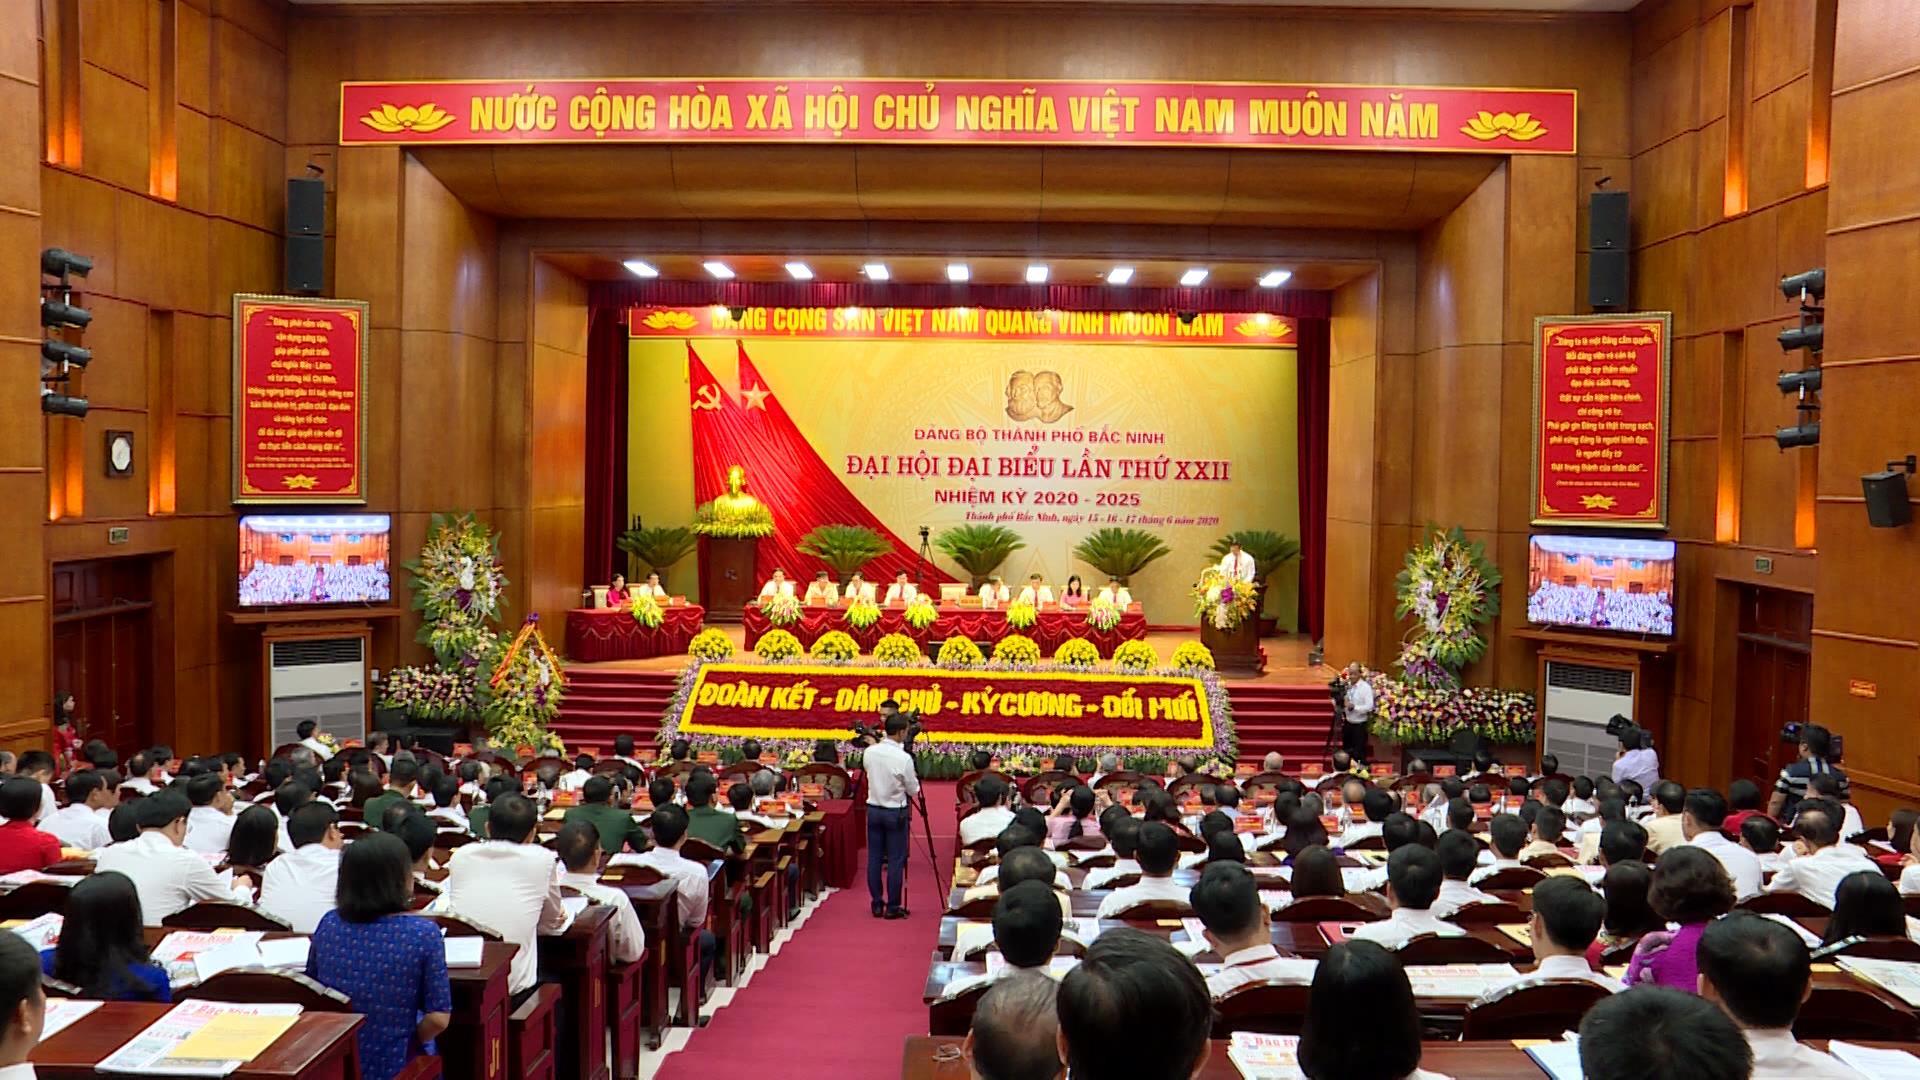 Khai mạc Đại hội đại biểu Đảng bộ thành phố Bắc Ninh lần thứ XXII